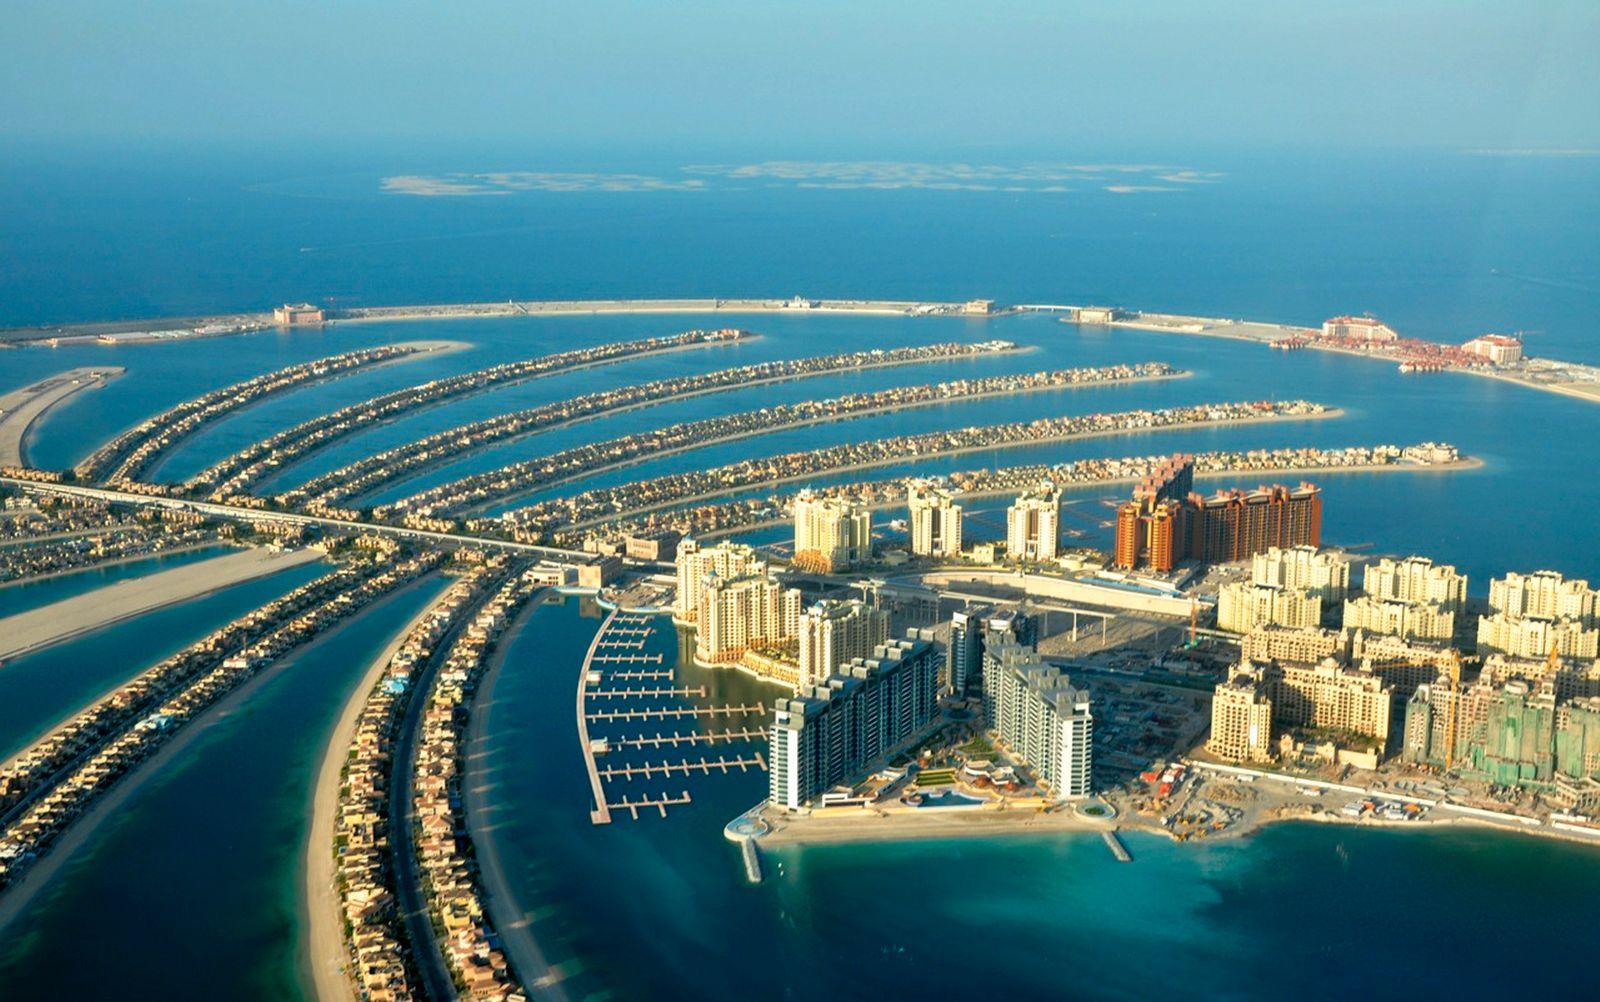 An aerial view of Dubai's Palm Island